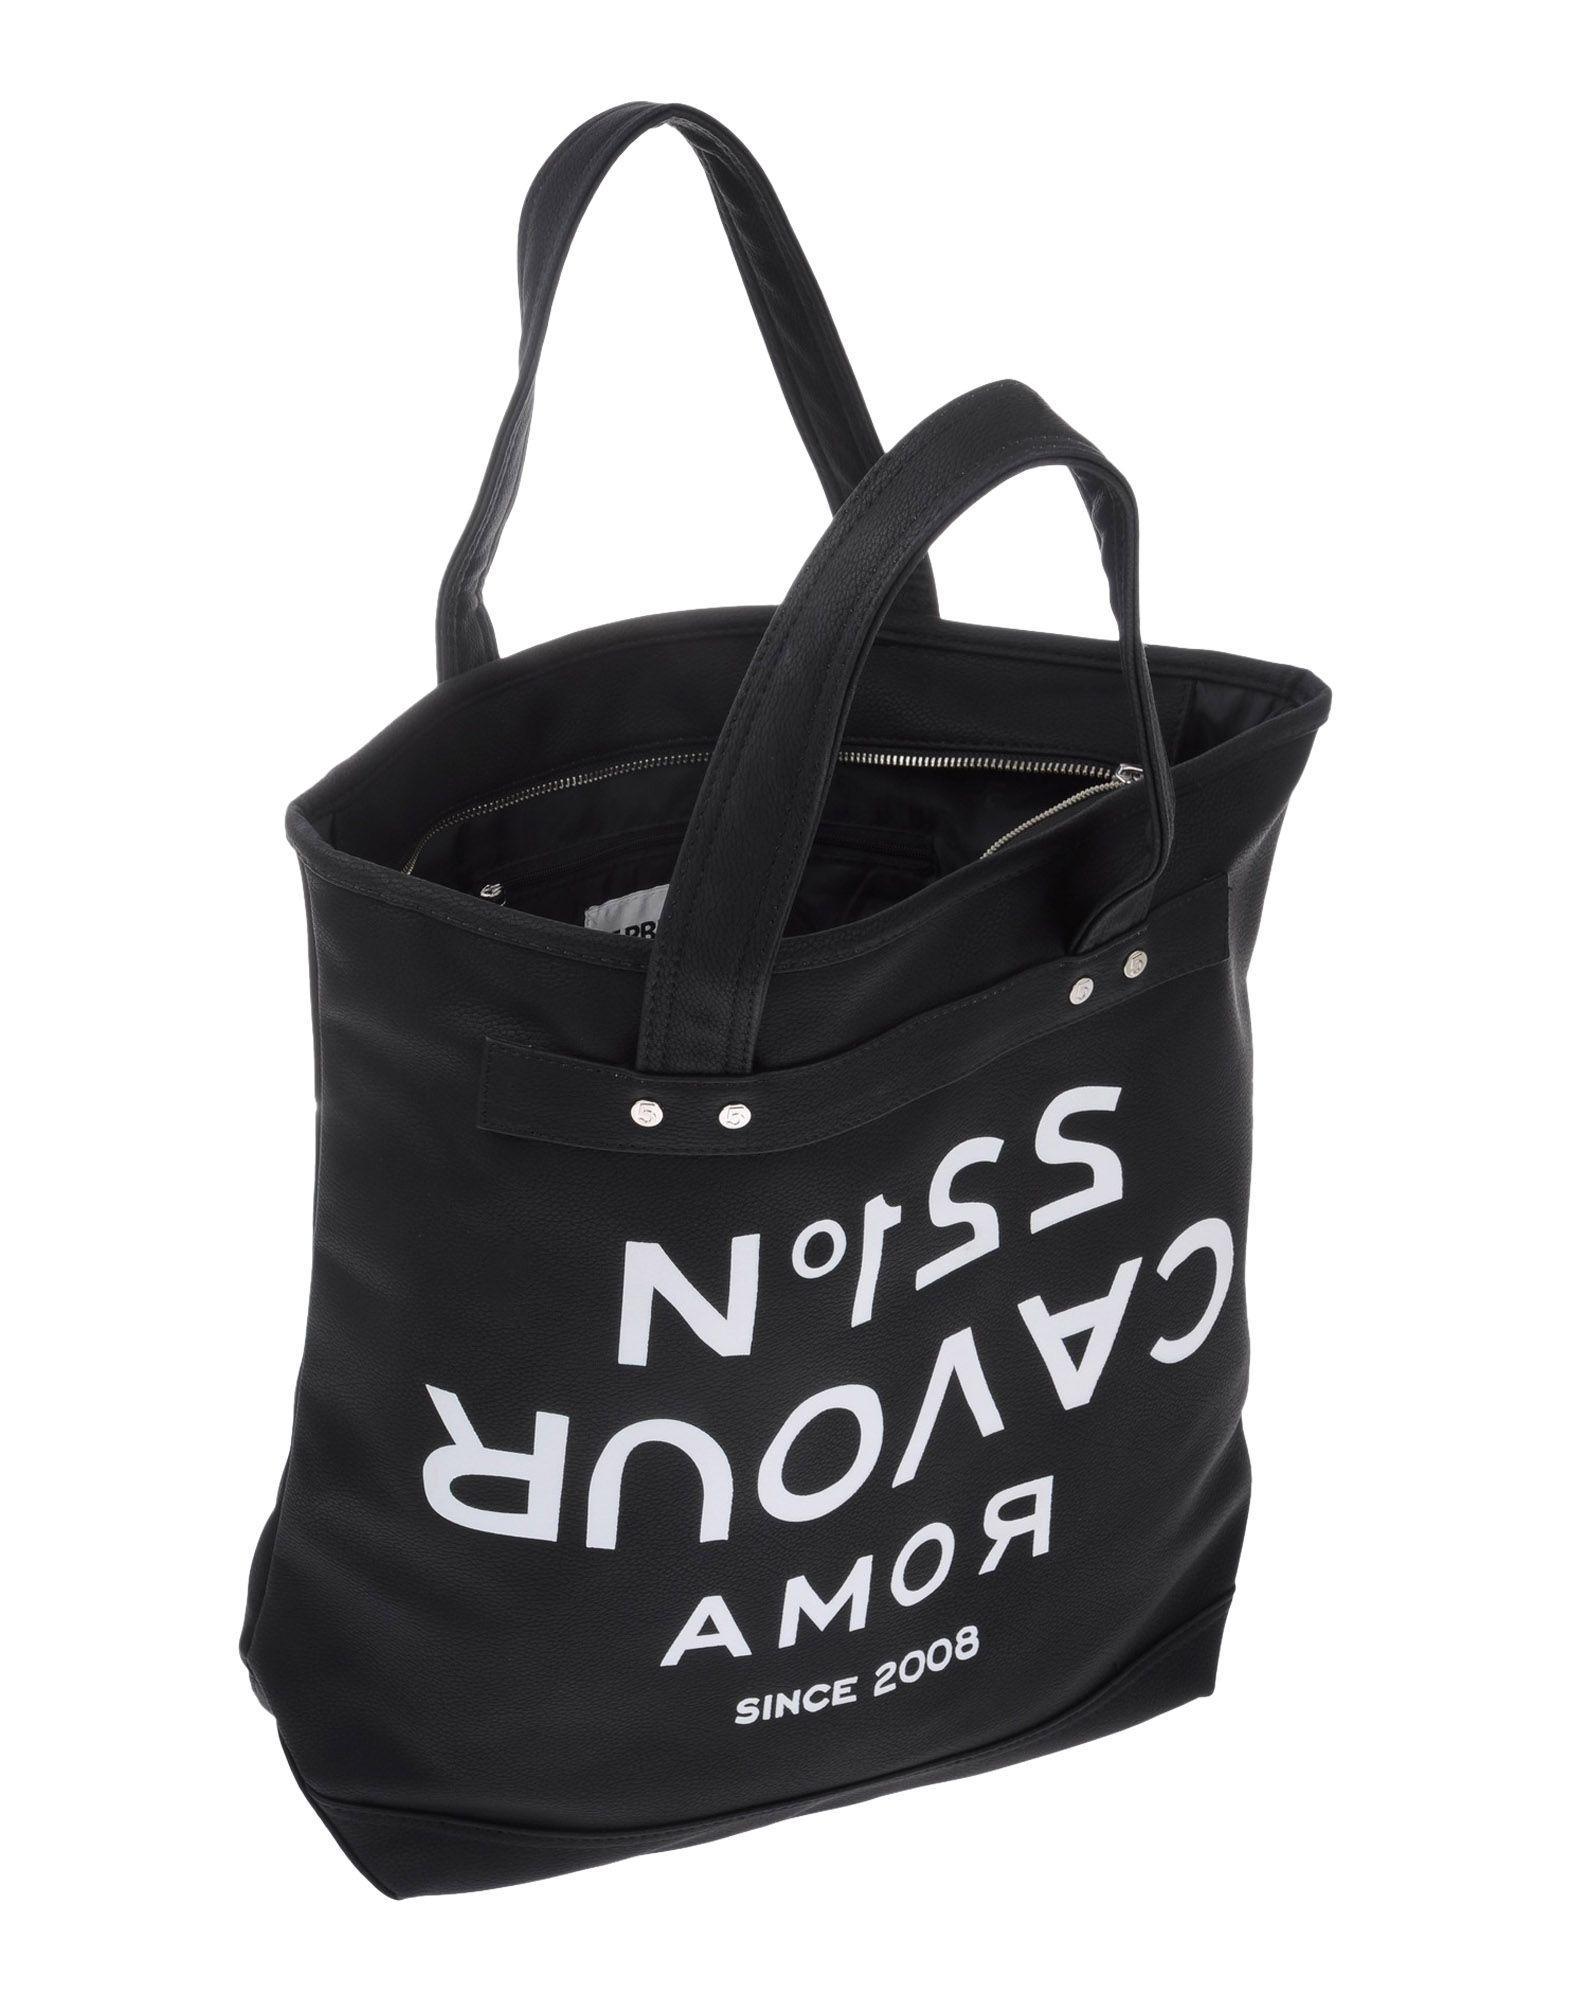 5preview Handtaschen in Schwarz 5HupM